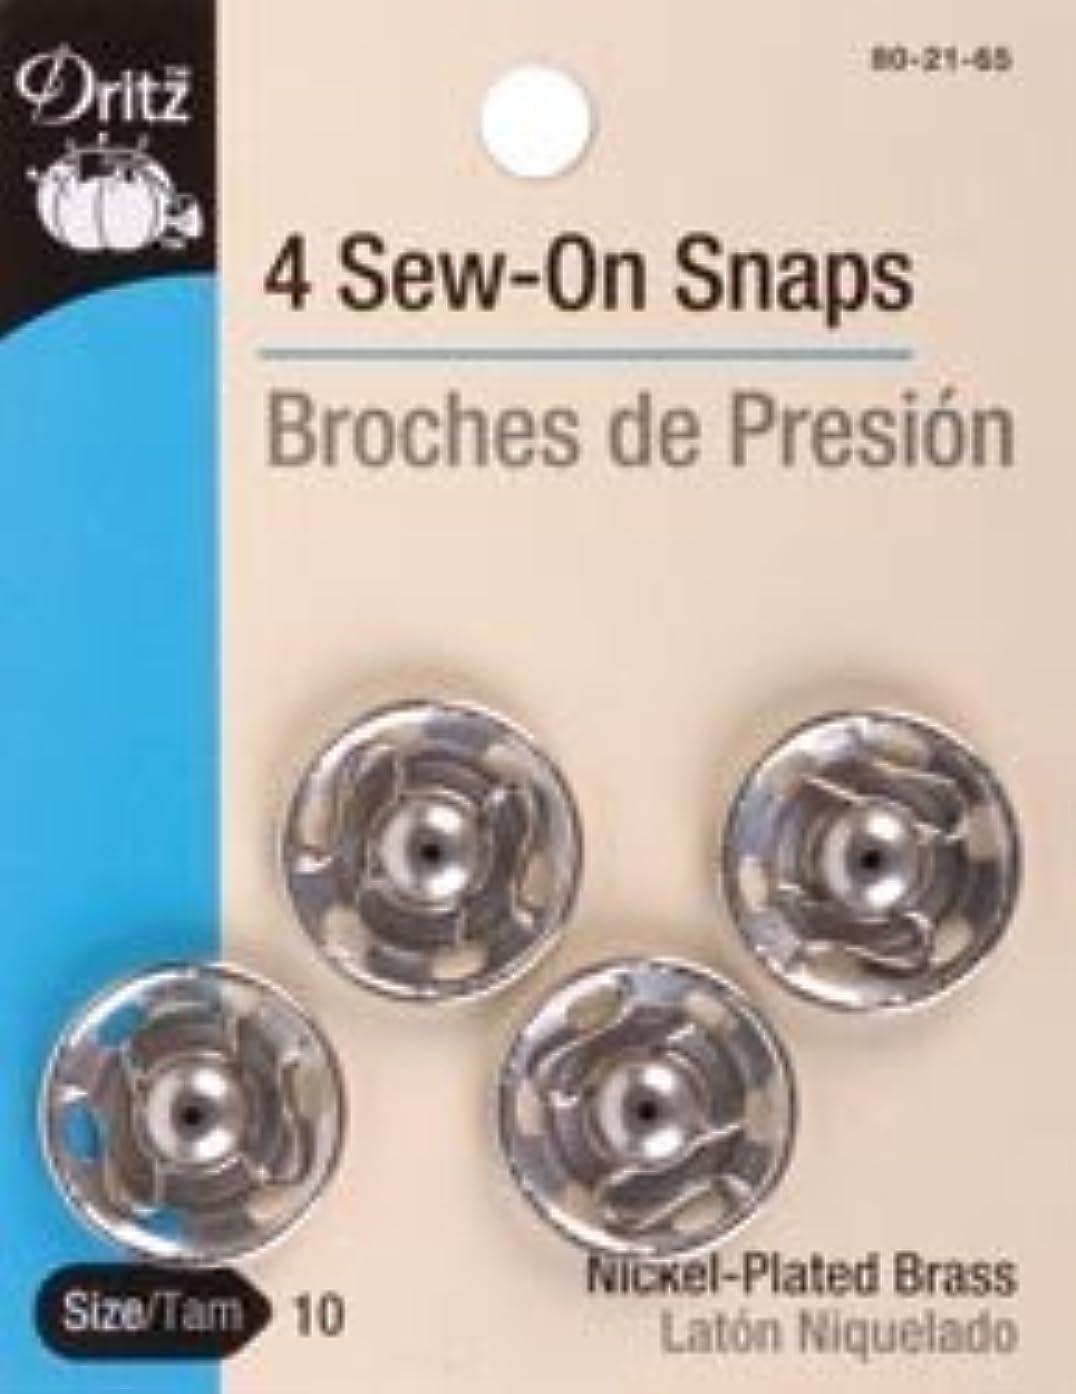 Bulk Buy: Dritz Nickel Sew On Snaps Size 10 4/Pkg 80-21-65 (3-Pack)